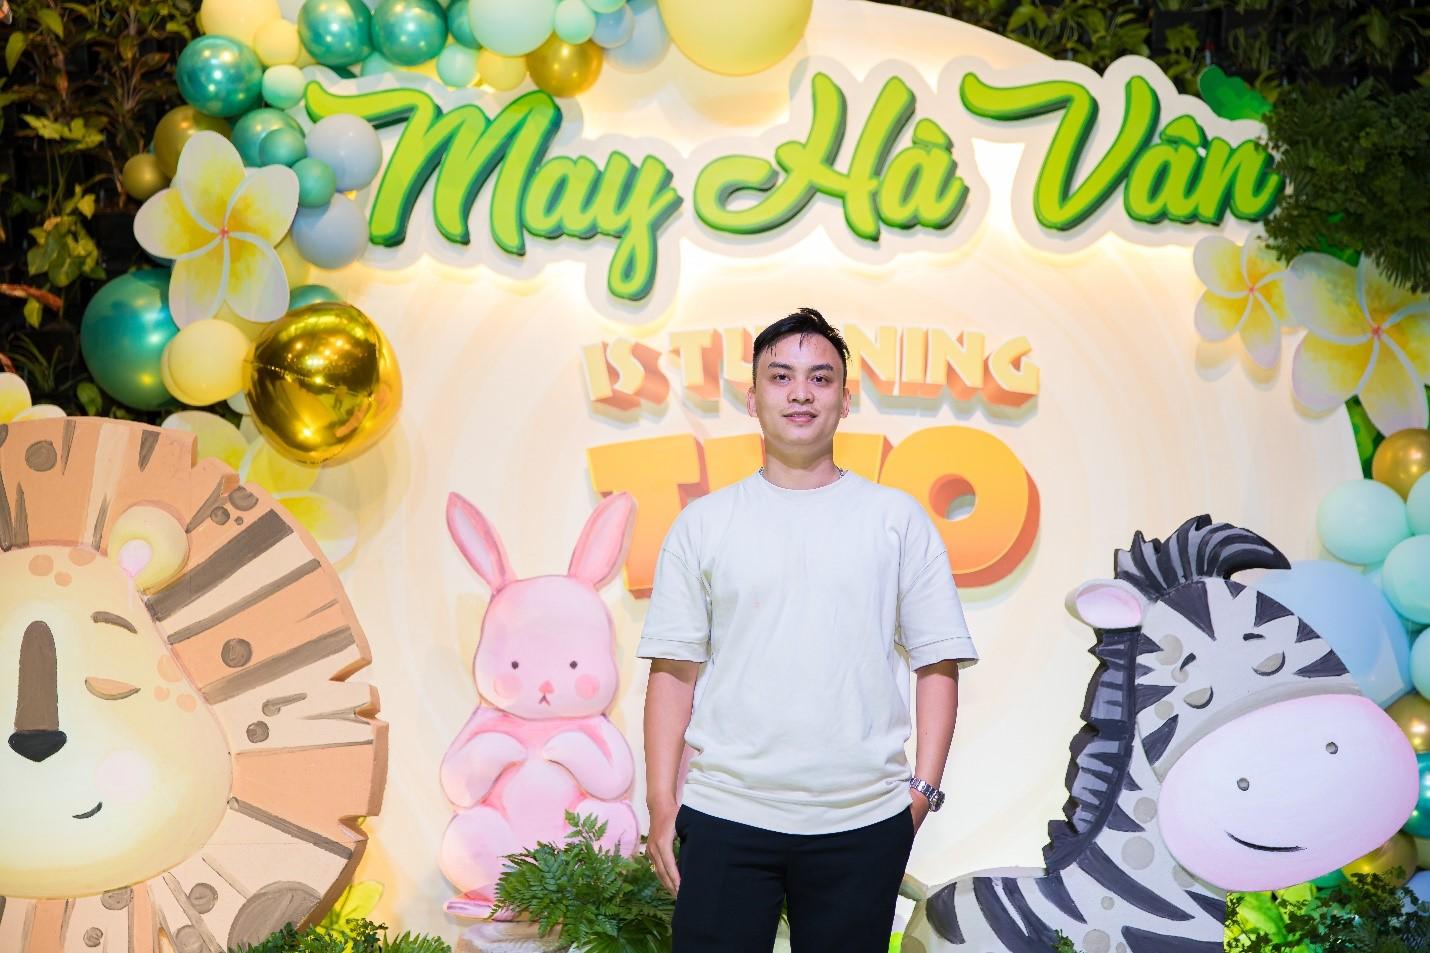 Bên cạnh thương hiệu HomiDecor lớn mạnh, anh Hưng còn sở hữu thêm một thương hiệu thời trang dành cho bé gái - Homi Baby House.